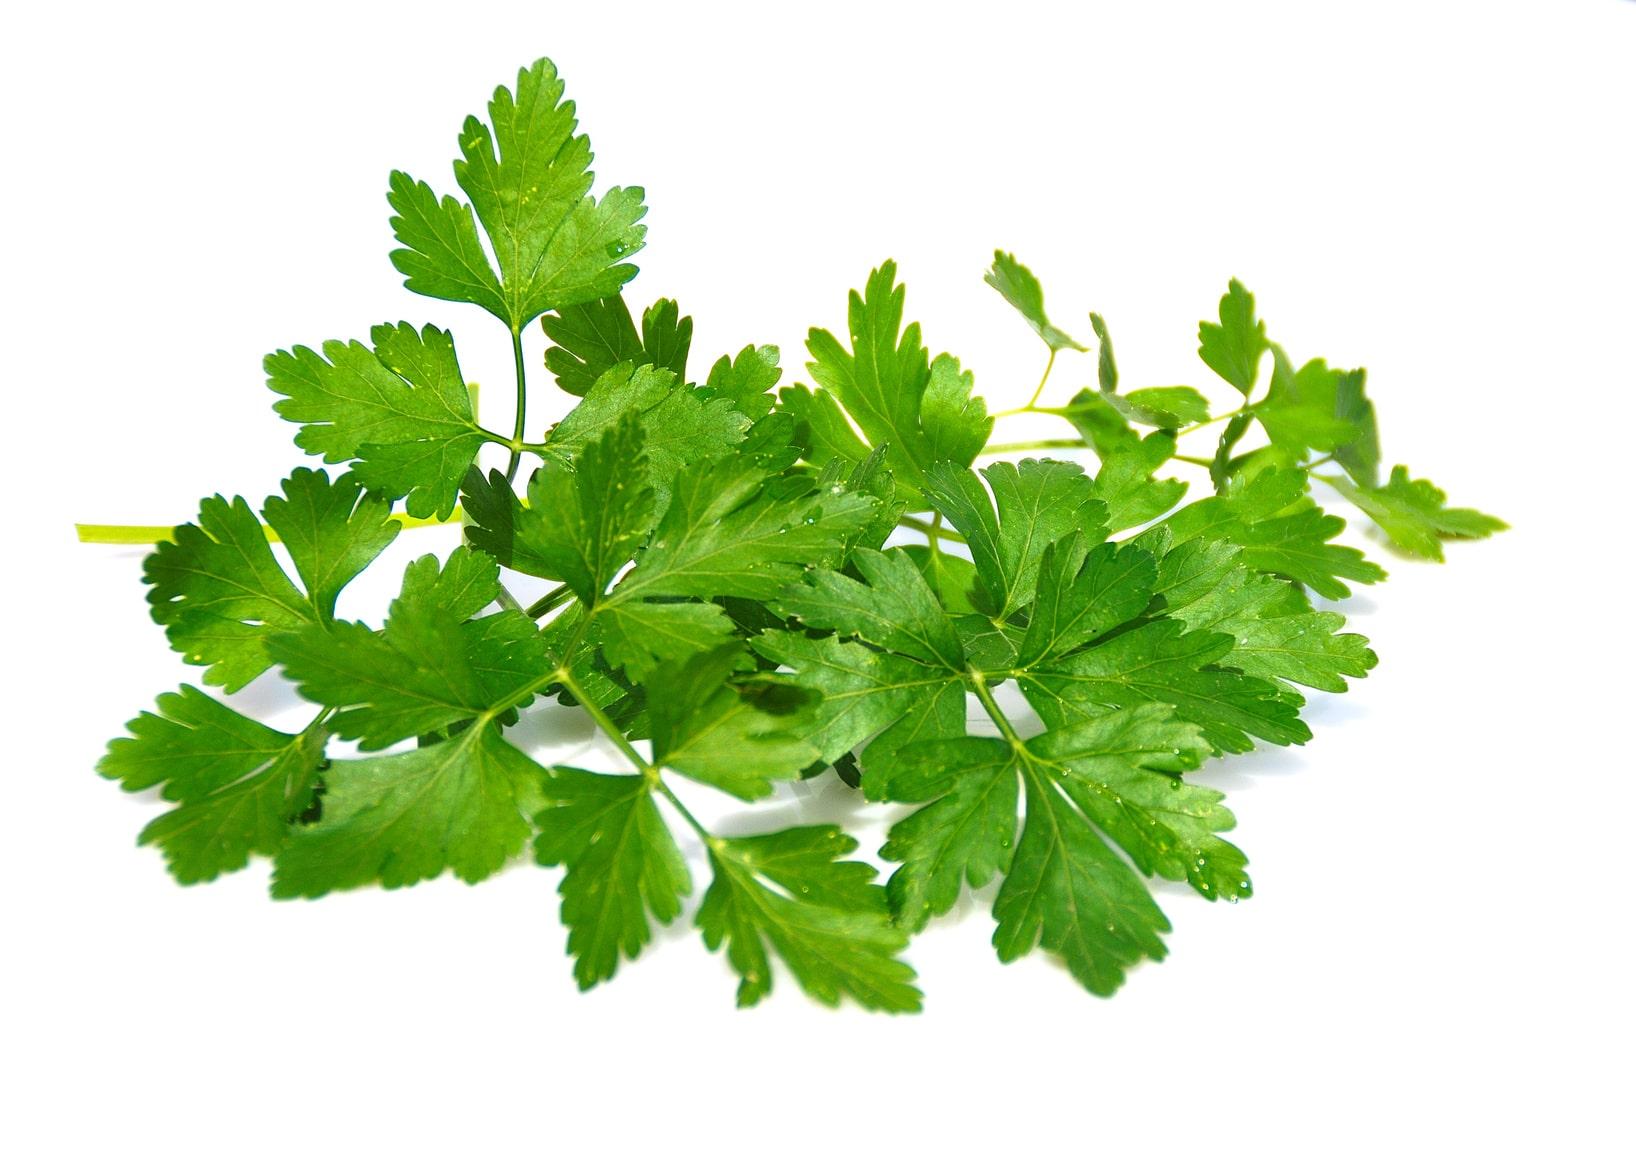 Propiedades de 5 plantas medicinales m s com nes la for Planta decorativa con propiedades medicinales